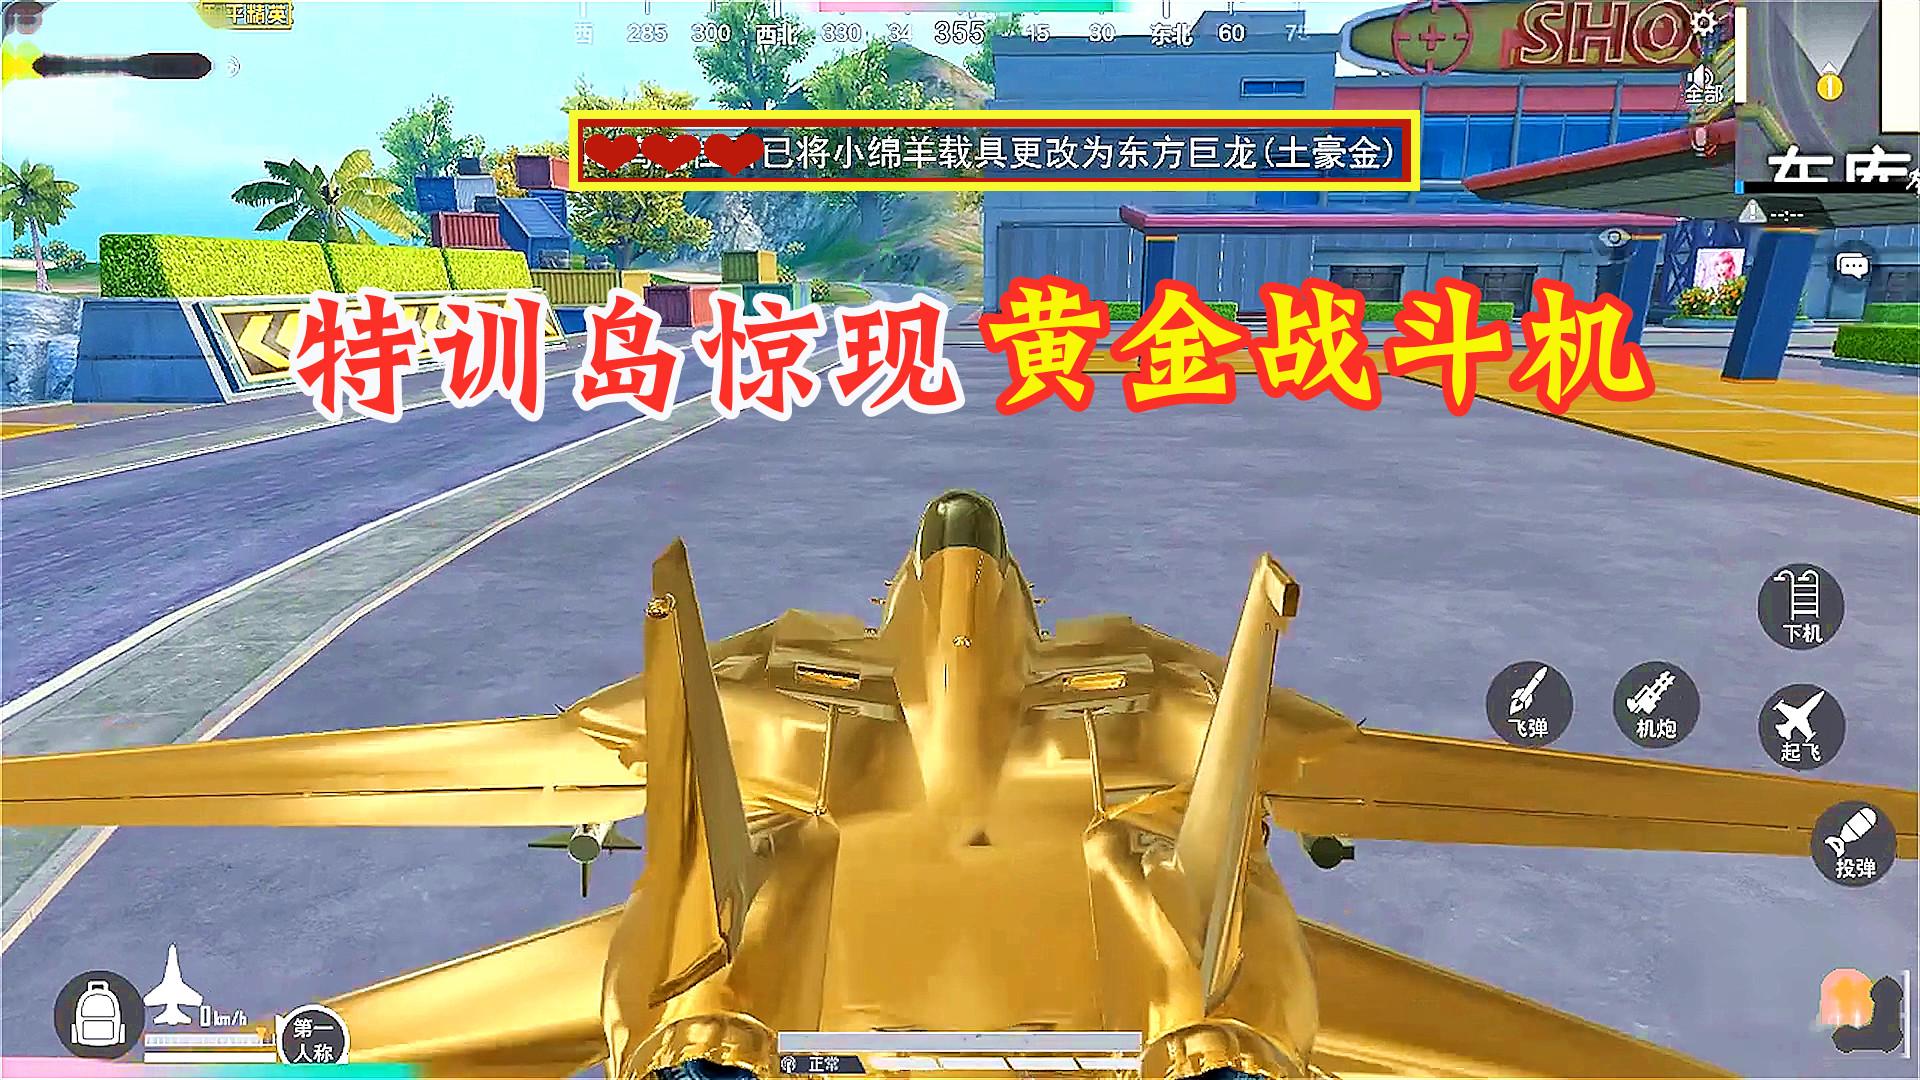 """和平精英:特训岛惊现""""黄金战斗机"""",竟是小绵羊的载具皮肤"""